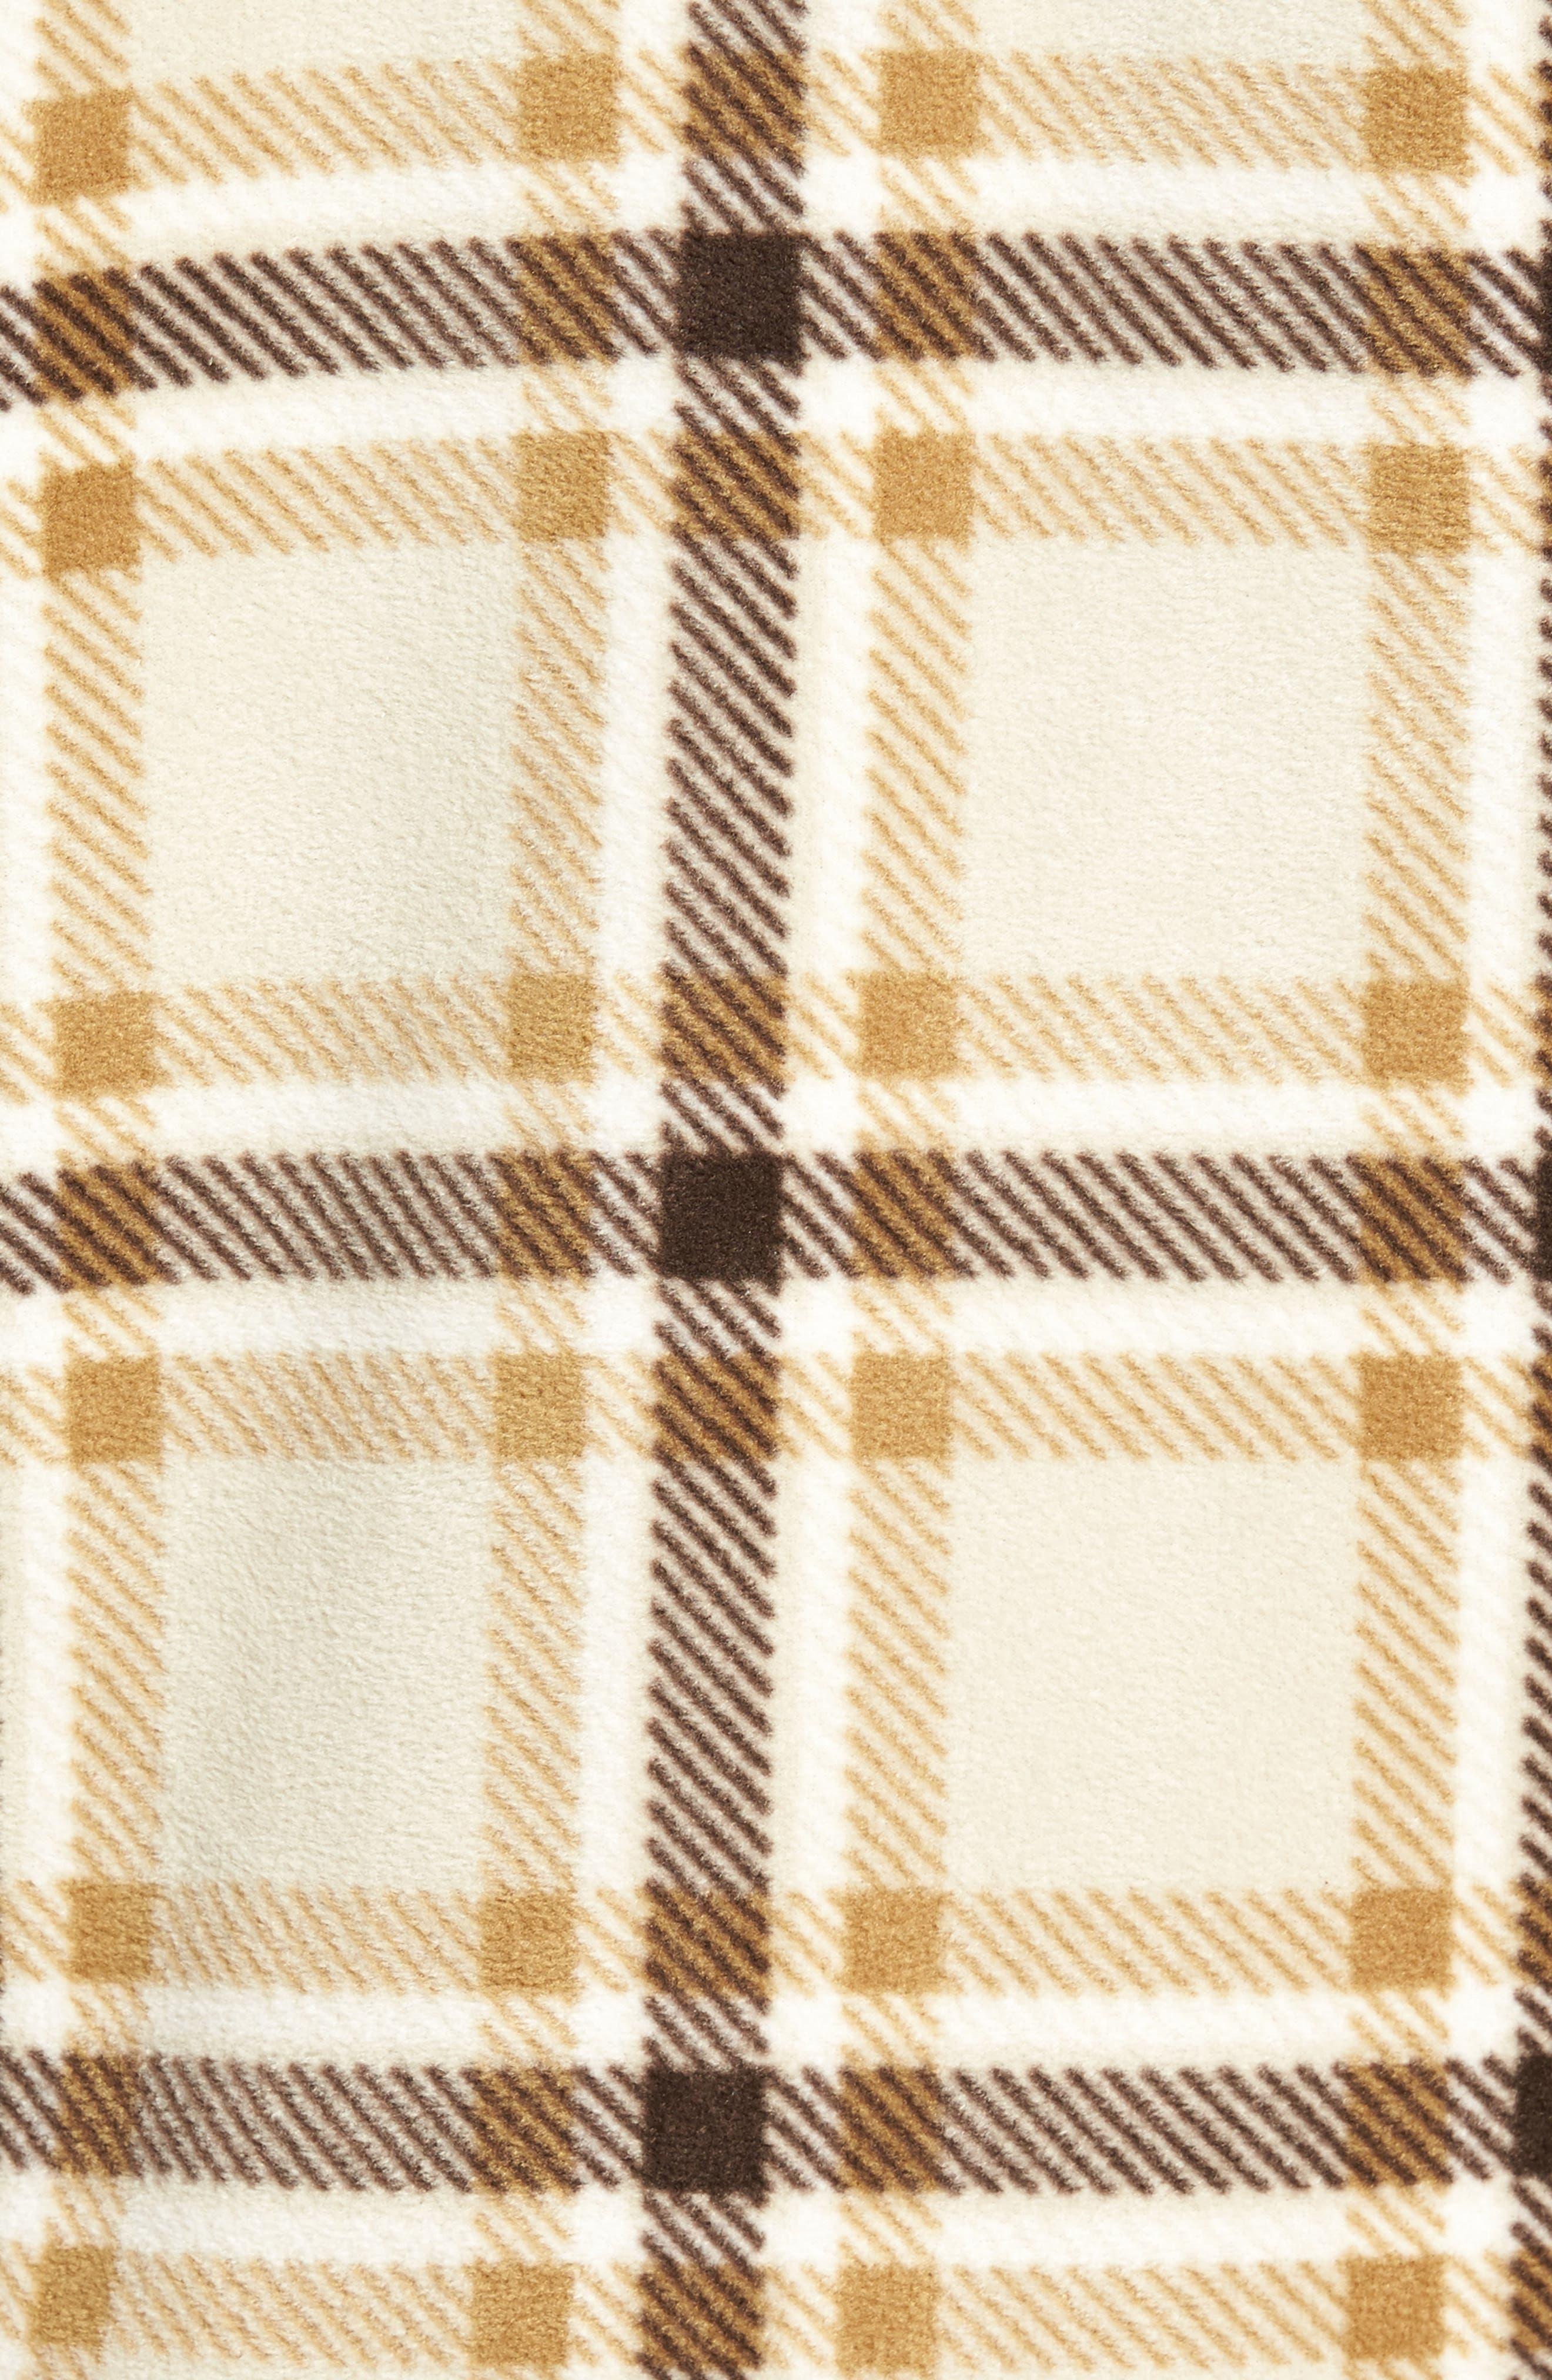 Glacier Heat Dome Plaid Fleece Shirt,                             Alternate thumbnail 5, color,                             Stone